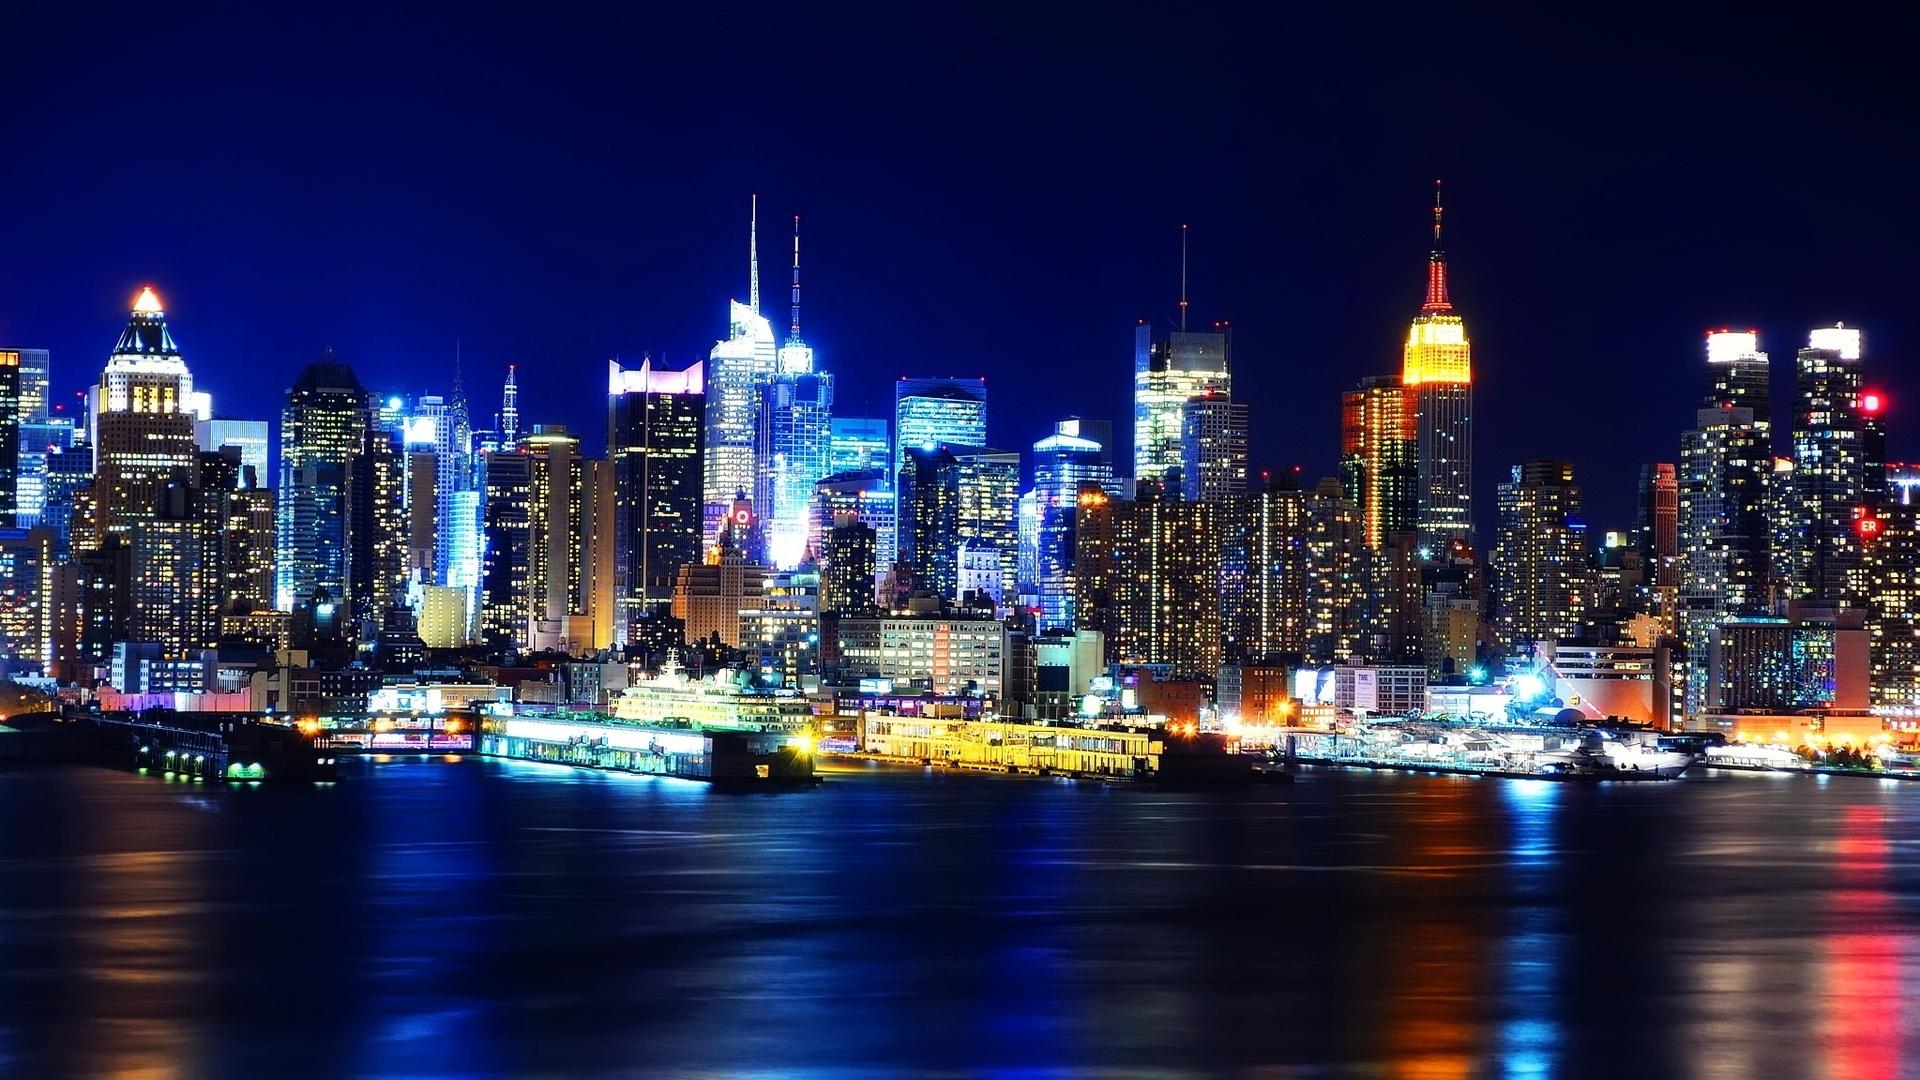 New York City Images At Night 22 Thumb